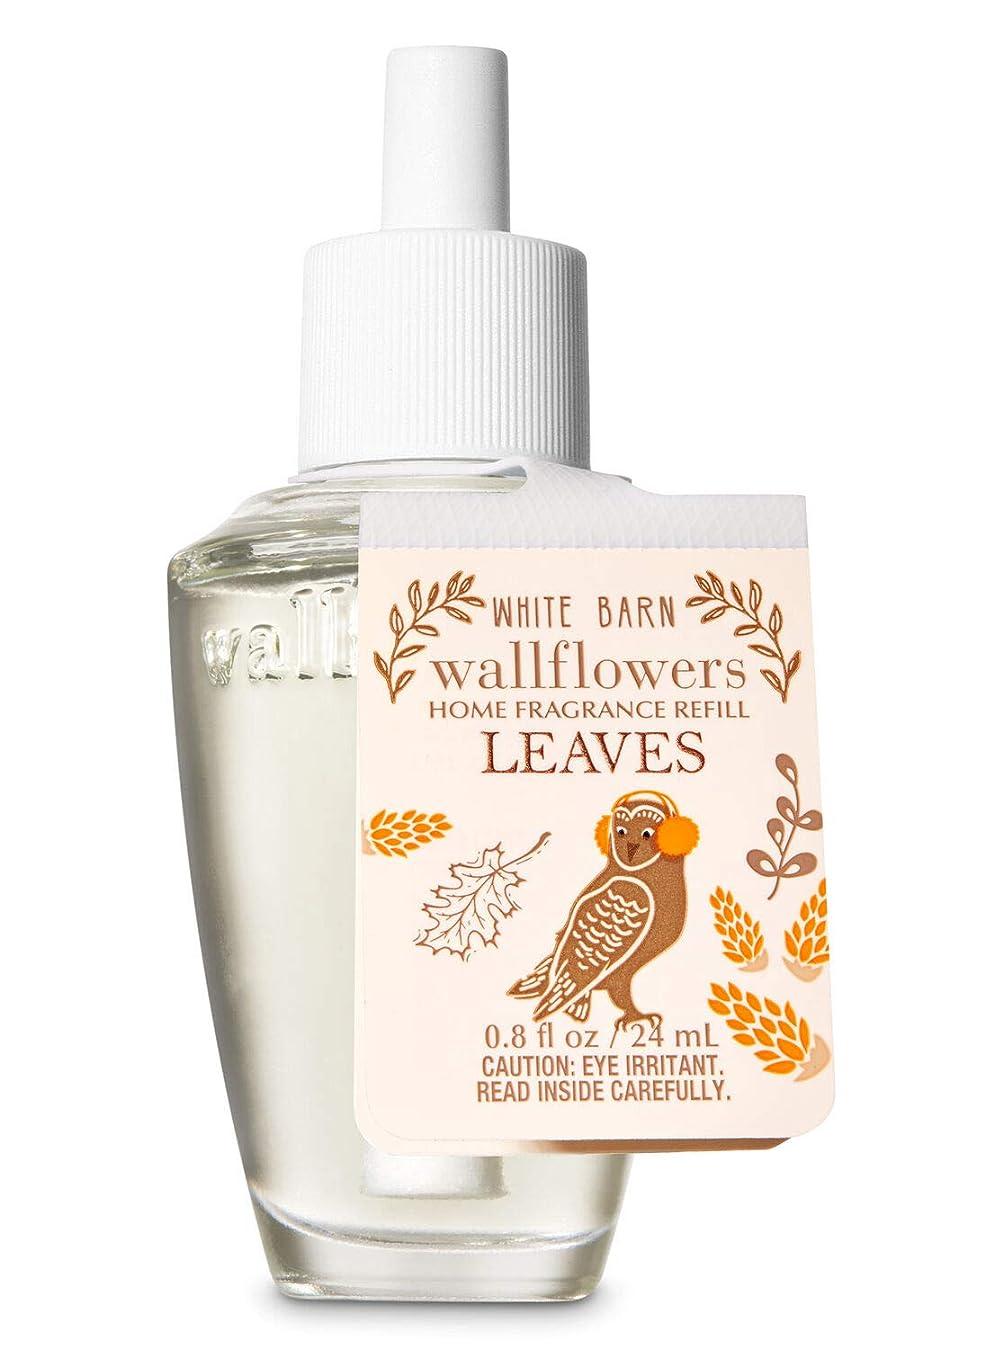 調停する下手千【Bath&Body Works/バス&ボディワークス】 ルームフレグランス 詰替えリフィル リーブス Wallflowers Home Fragrance Refill Leaves [並行輸入品]